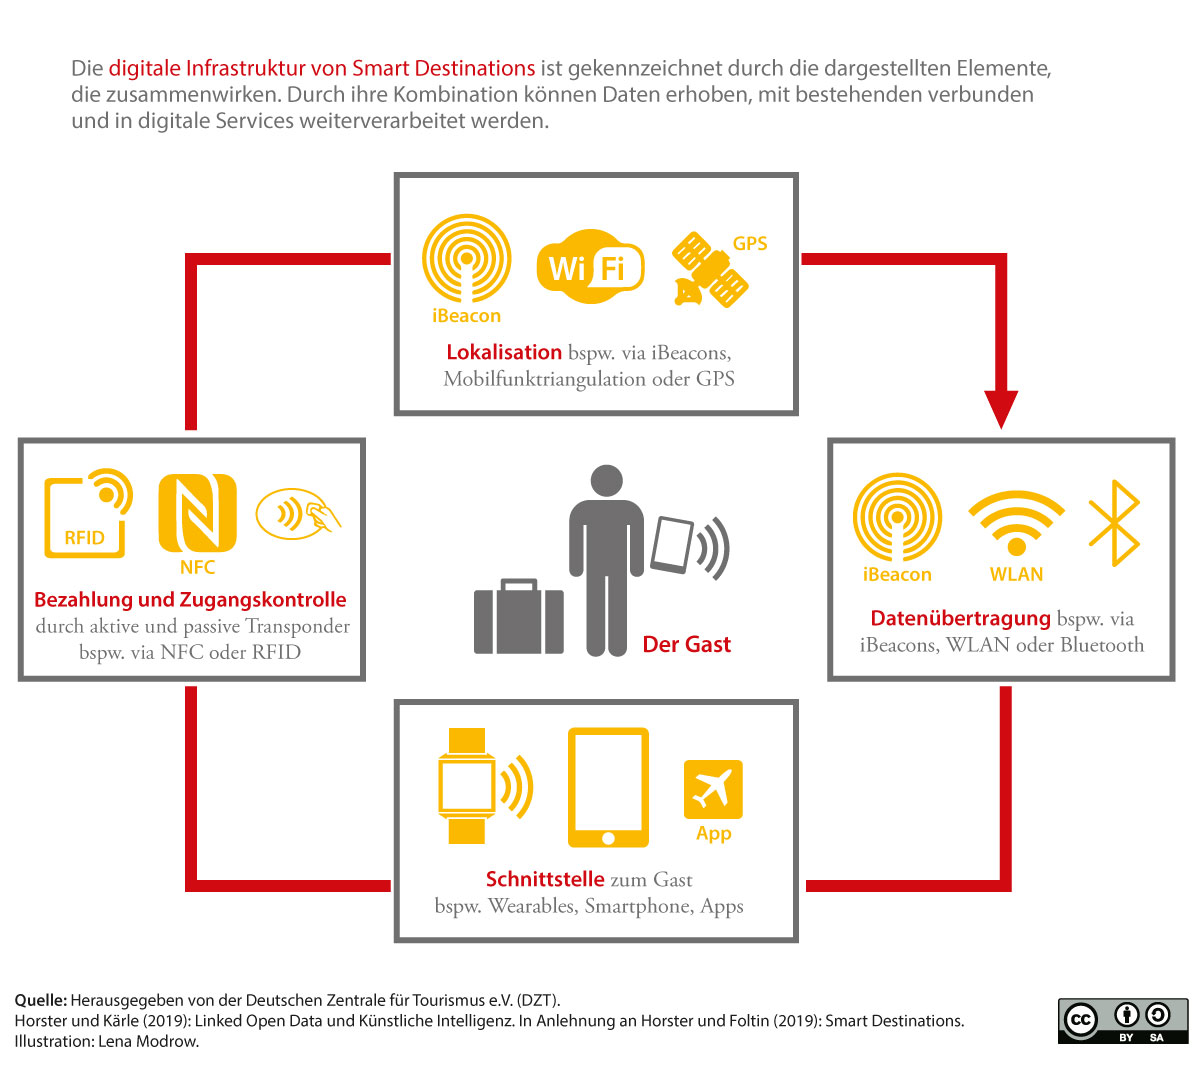 Digitale Infrastruktur von Smart Destinations